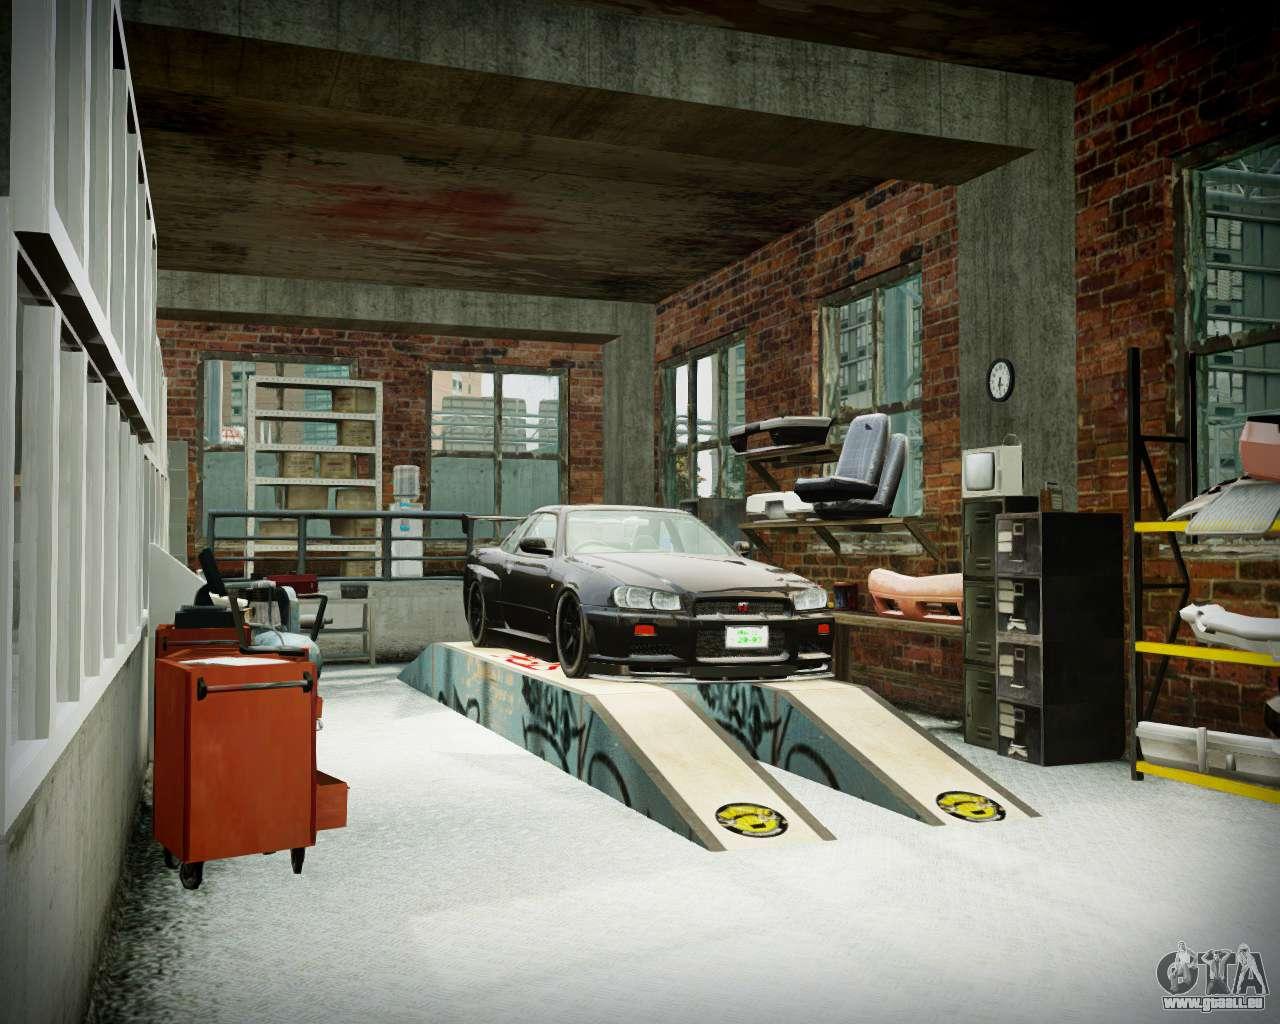 Garage avec de nouveaux int rieur alcaline pour gta 4 for Interieur garage